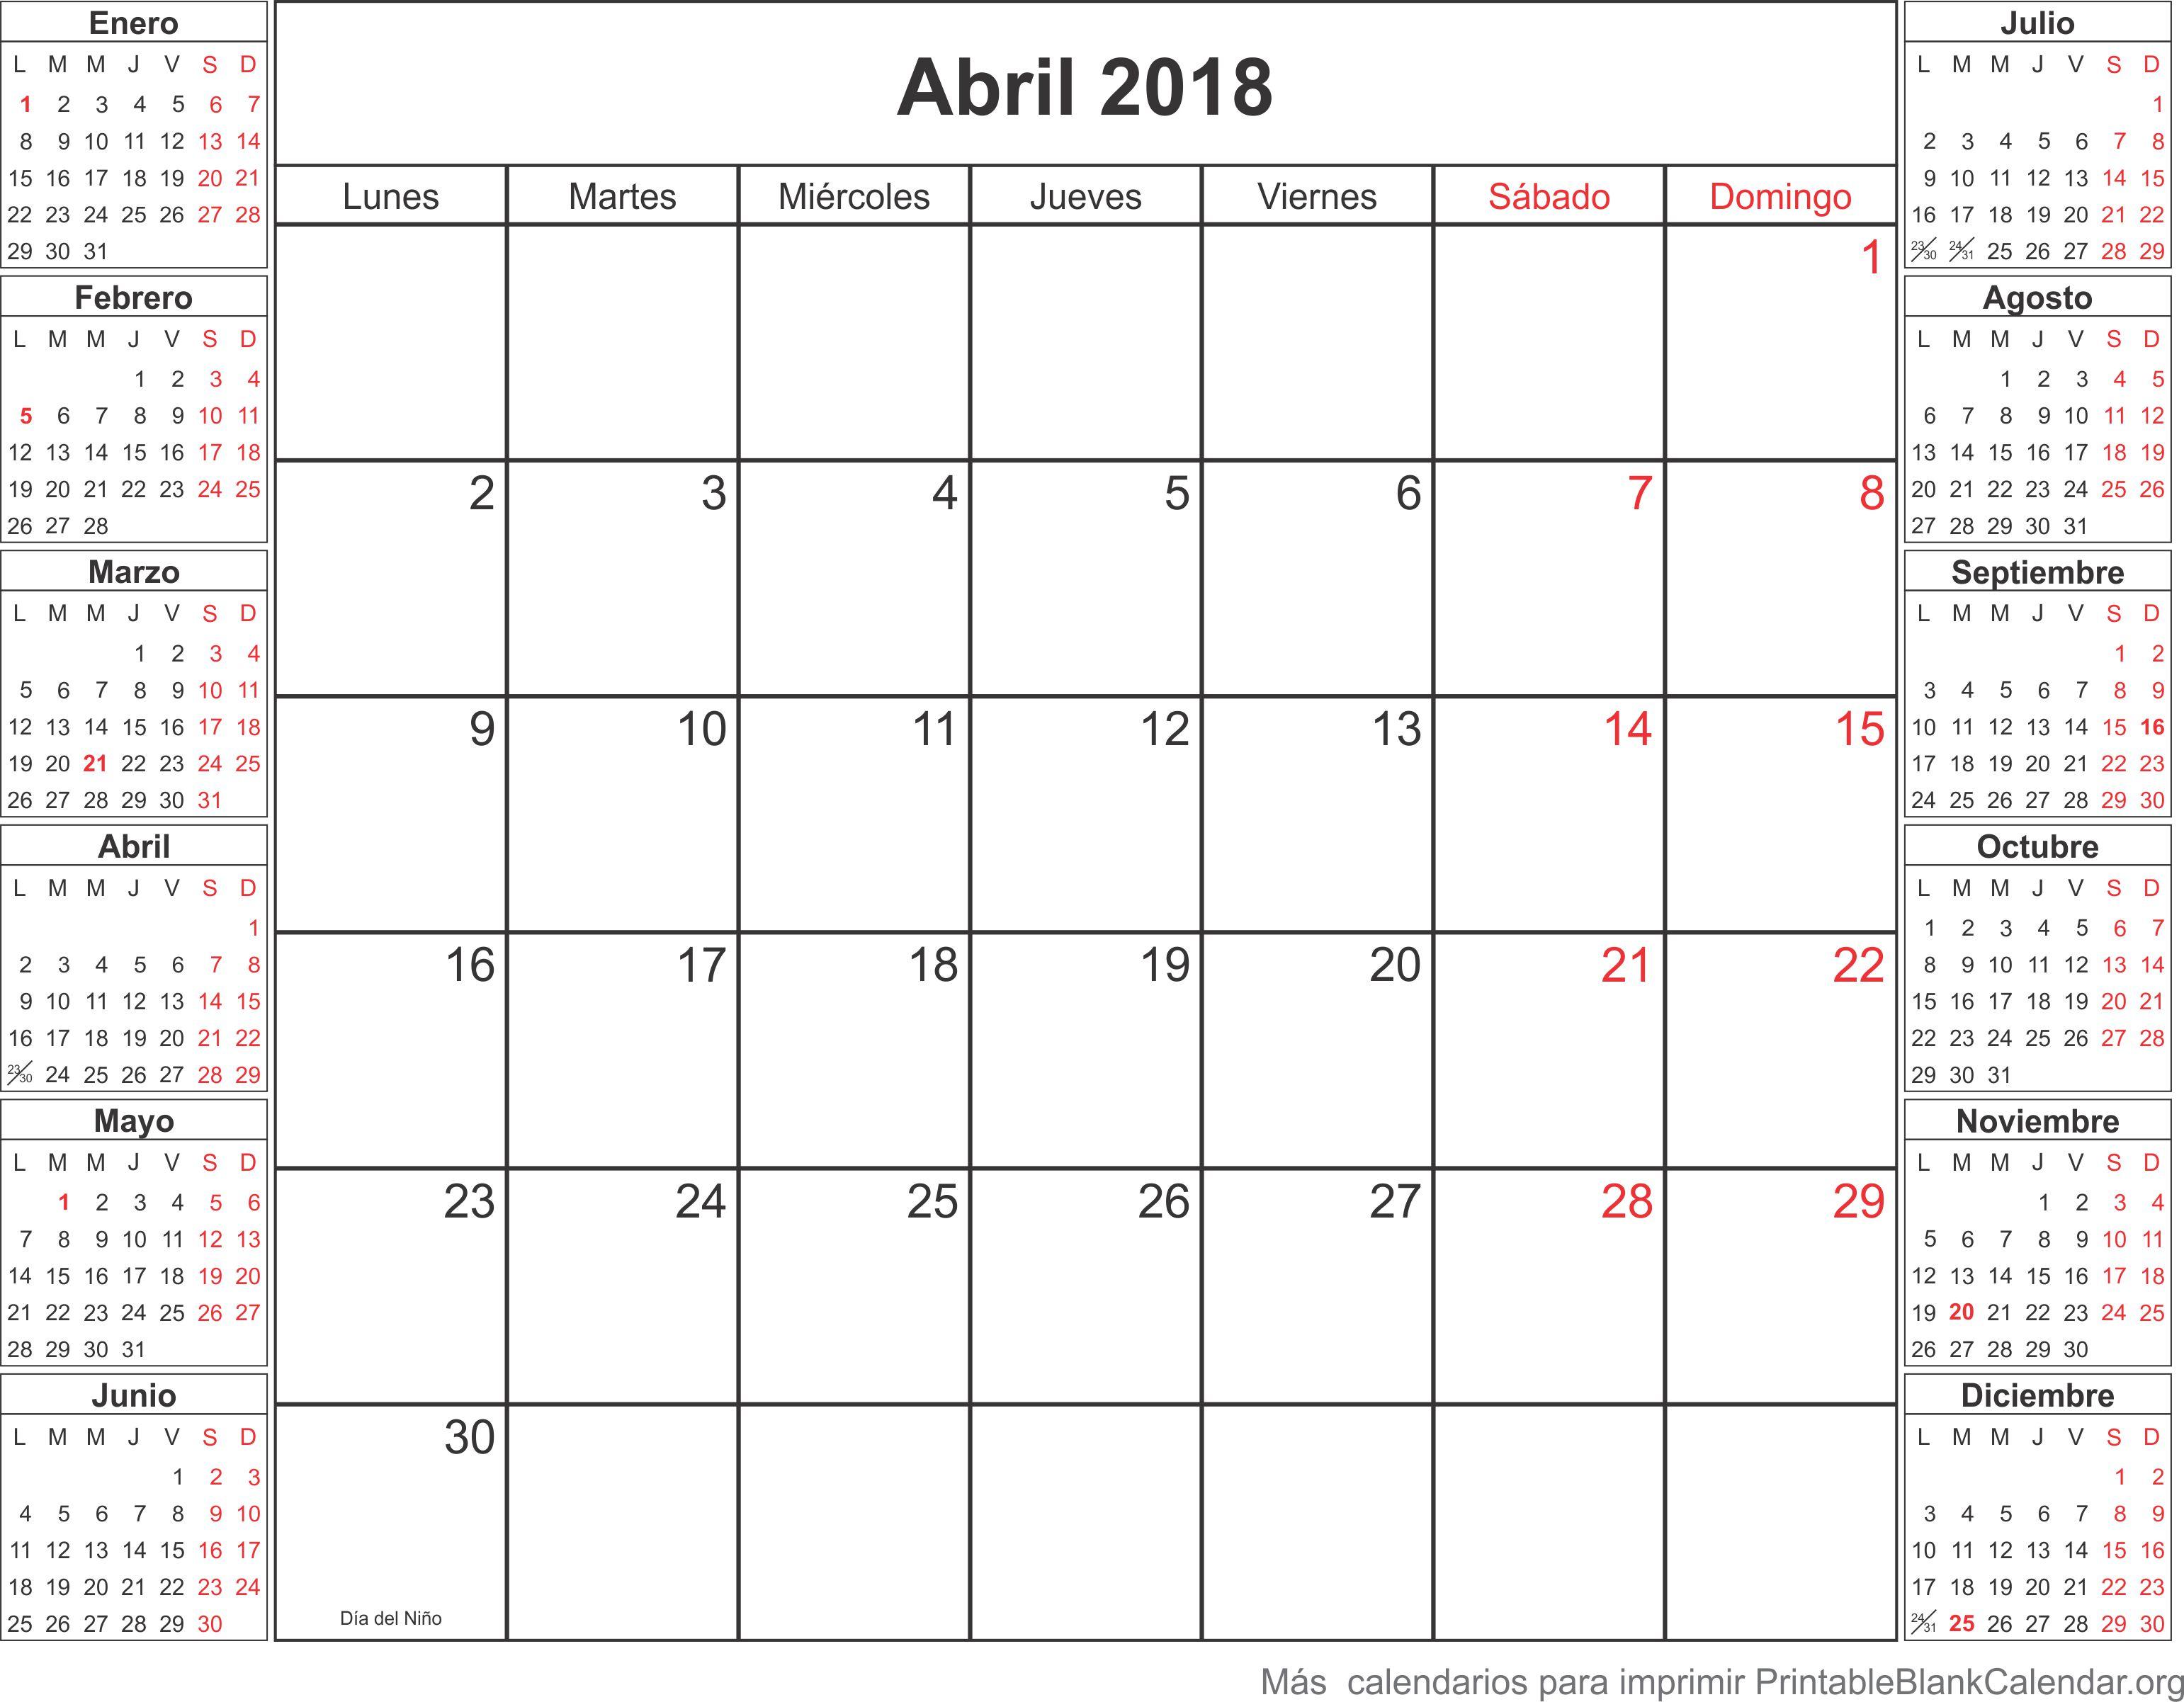 calendario abril 2018